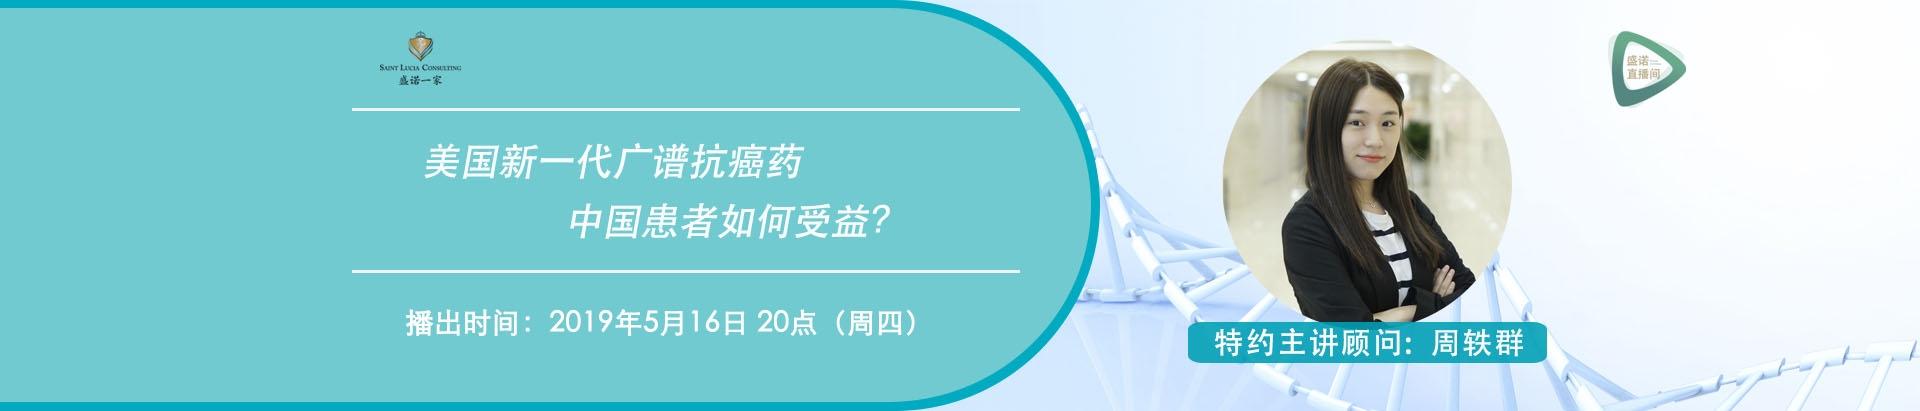 美国新一代广谱抗癌药,中国患者如何受益?